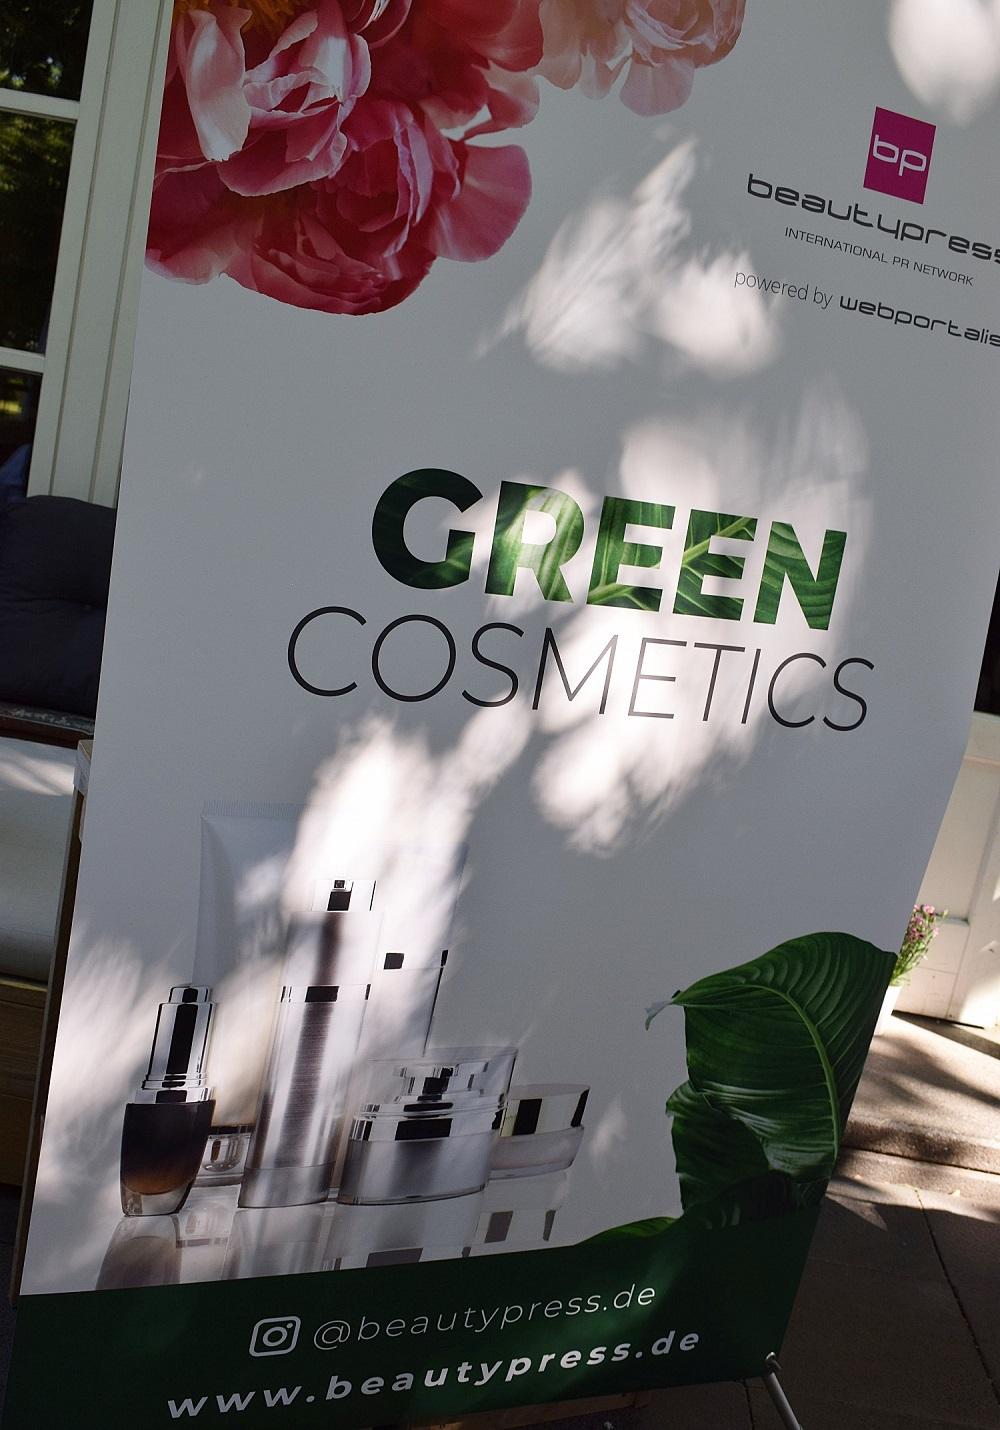 Green Cosmetics Bloggerevent Willkommens-Plakat am Eingang